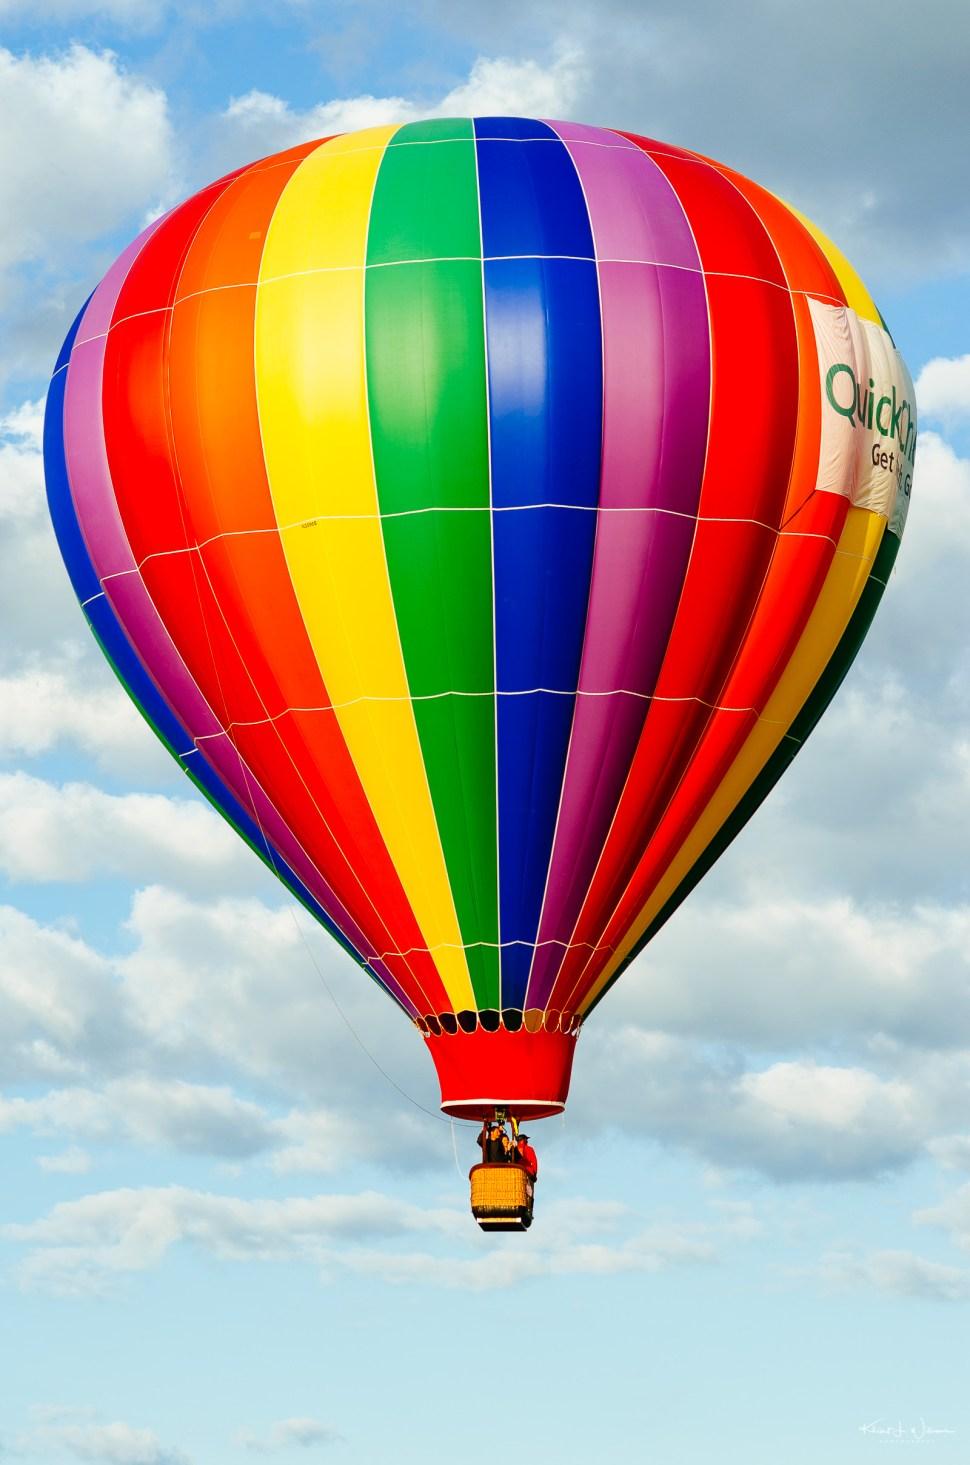 Balloon, Blogroll